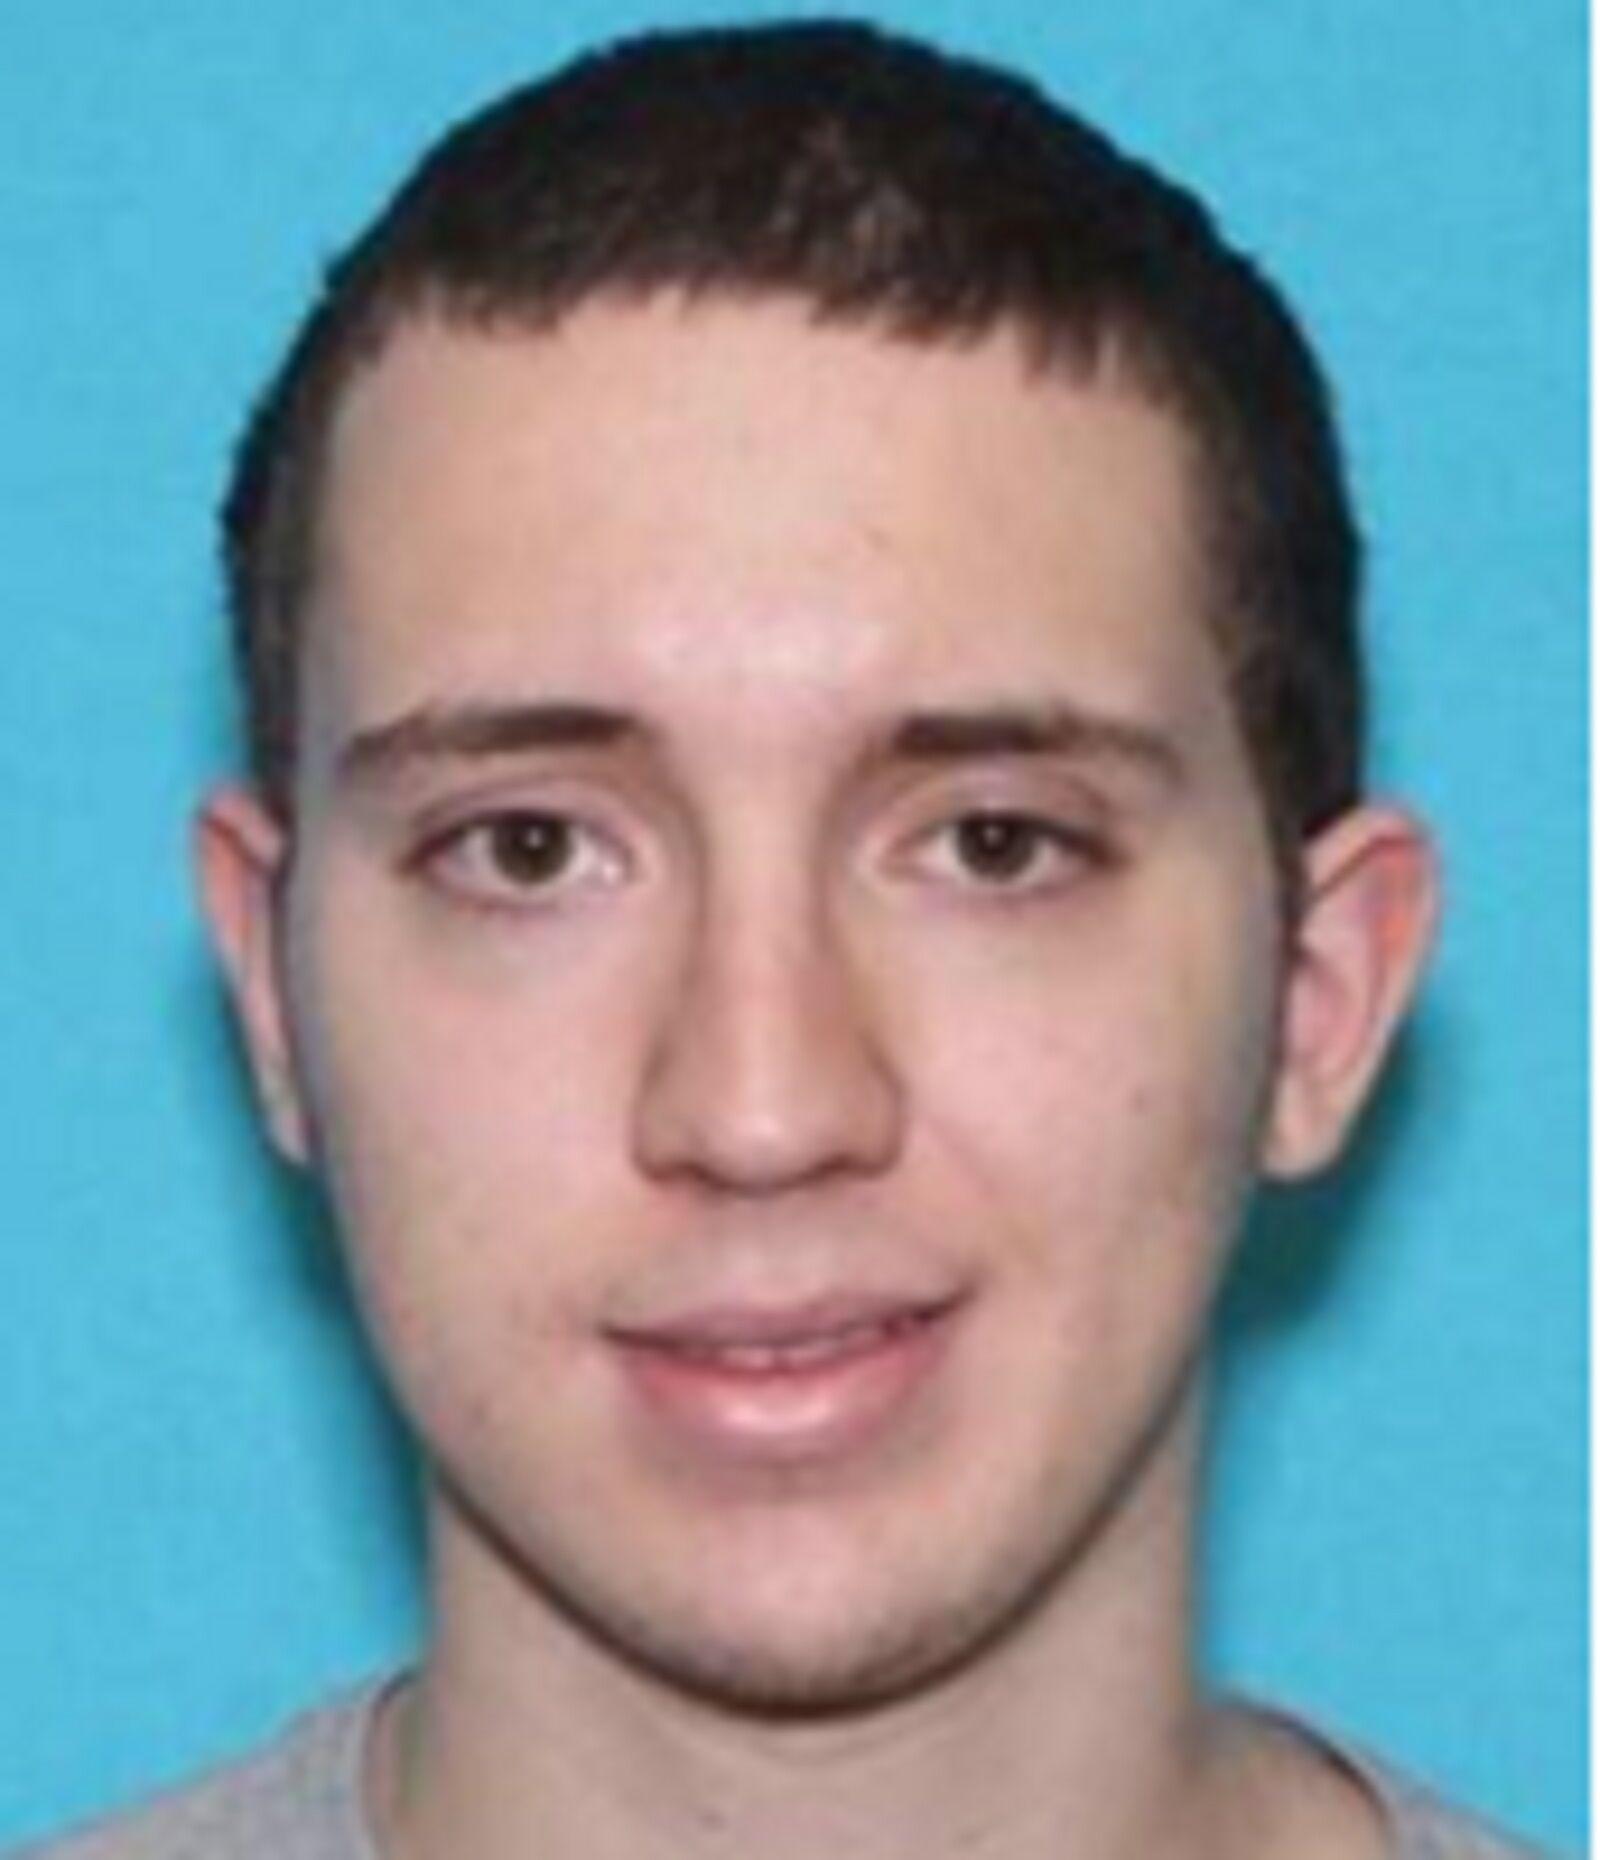 美国得州枪击案嫌犯照片公布,前邻居:他非常孤僻、冷漠